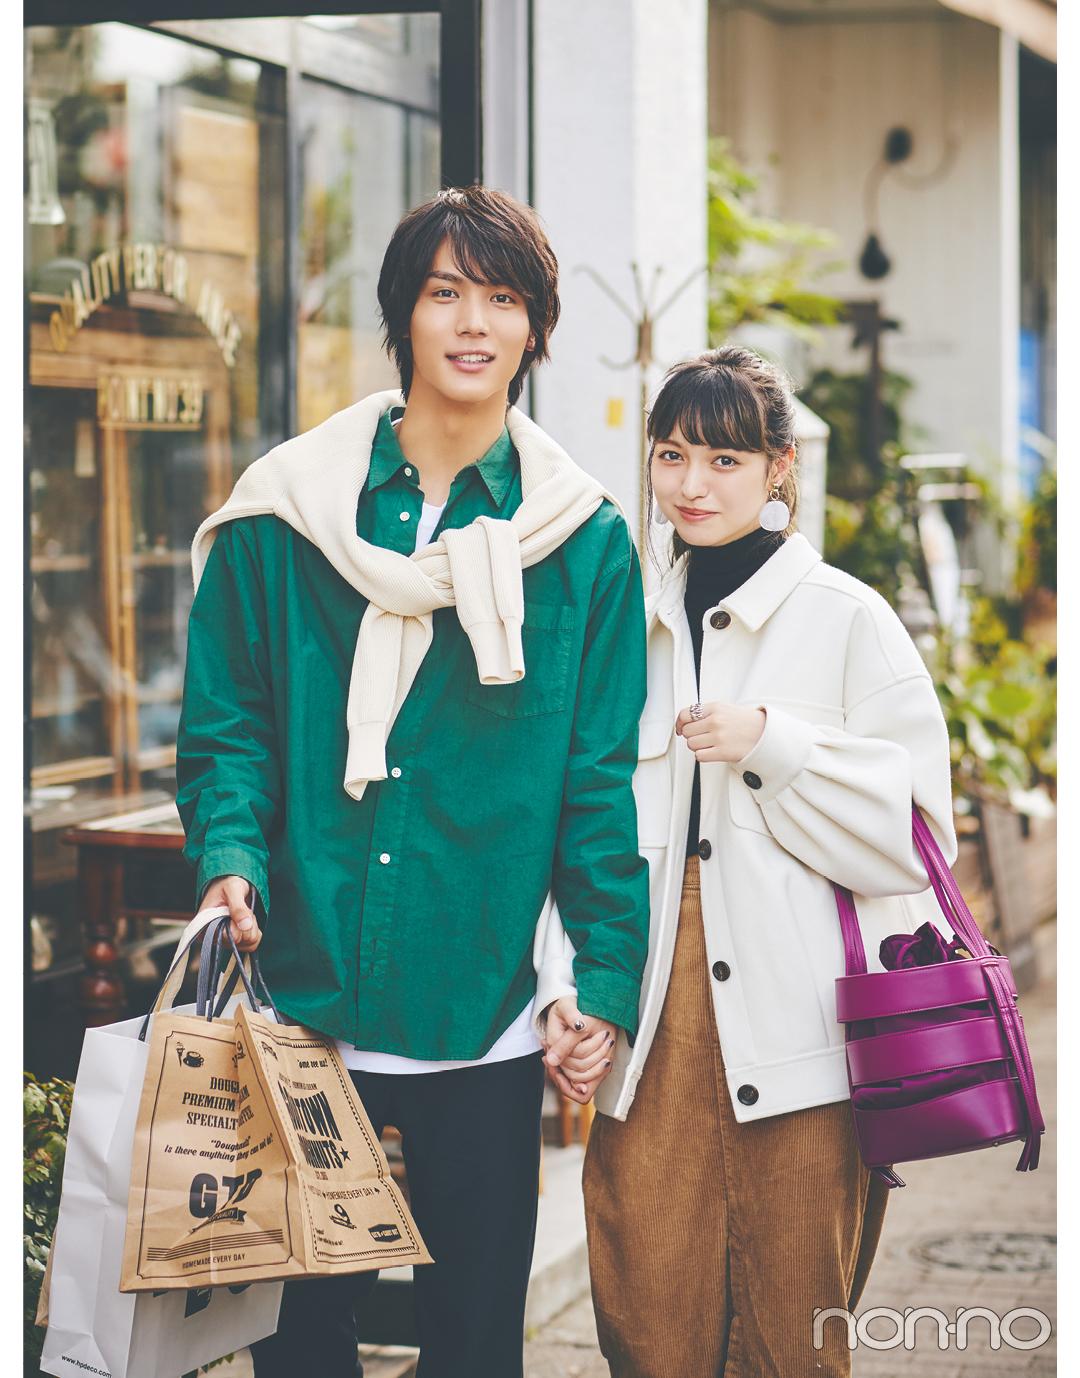 もしも中川大志くんが彼だったら…こんなお買い物デートがしたい!【デートコーデ】_1_3